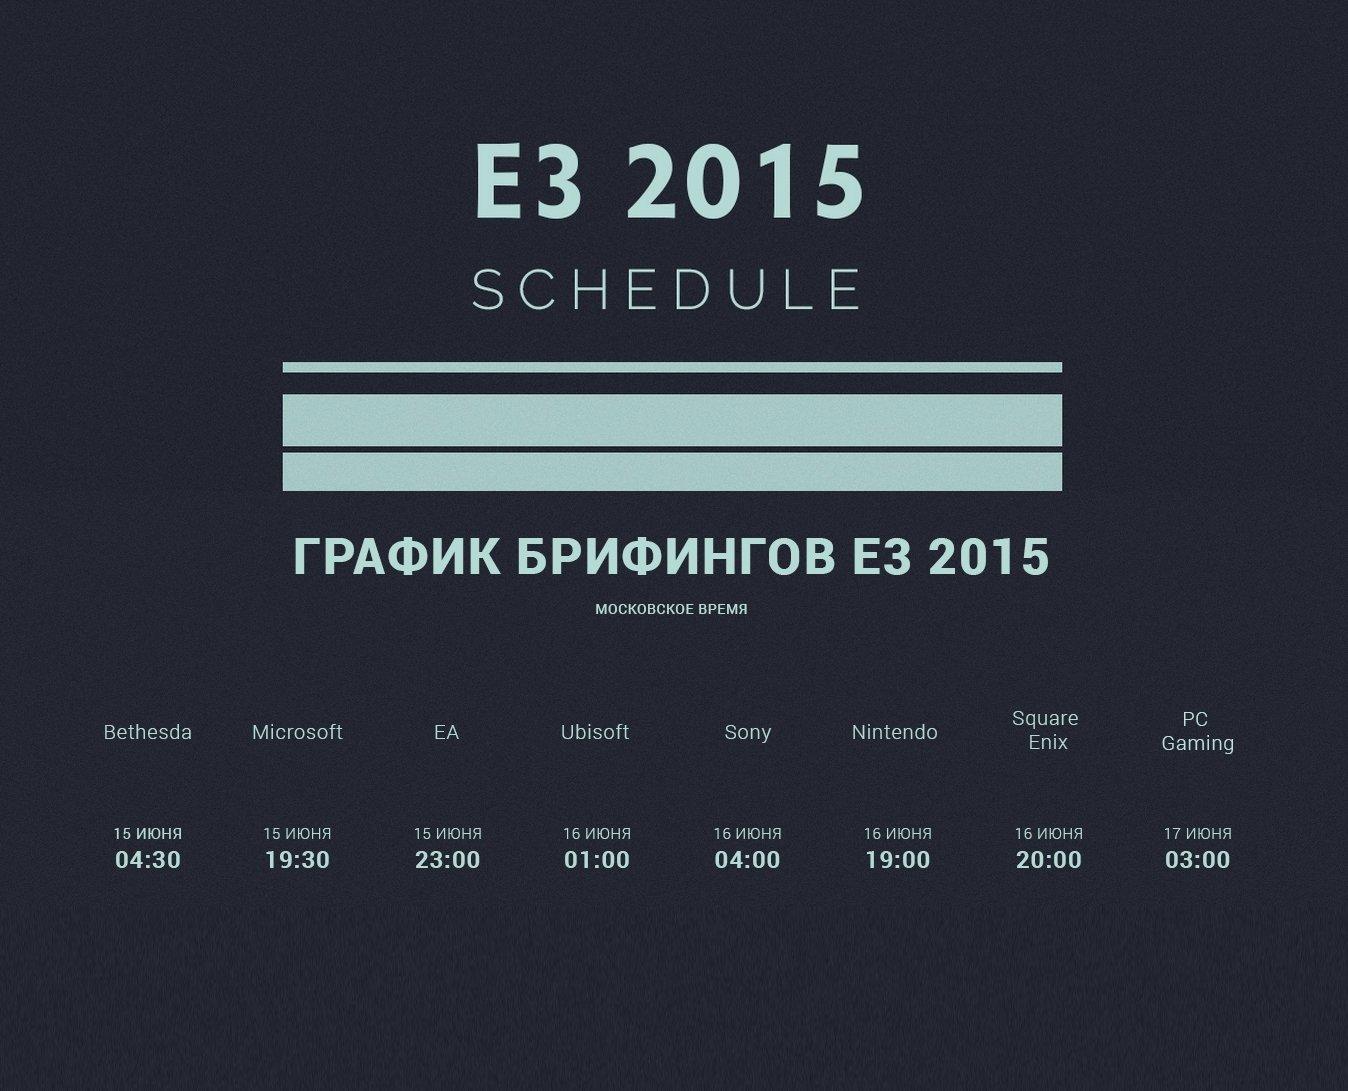 Расписание E3 2015 - Изображение 1